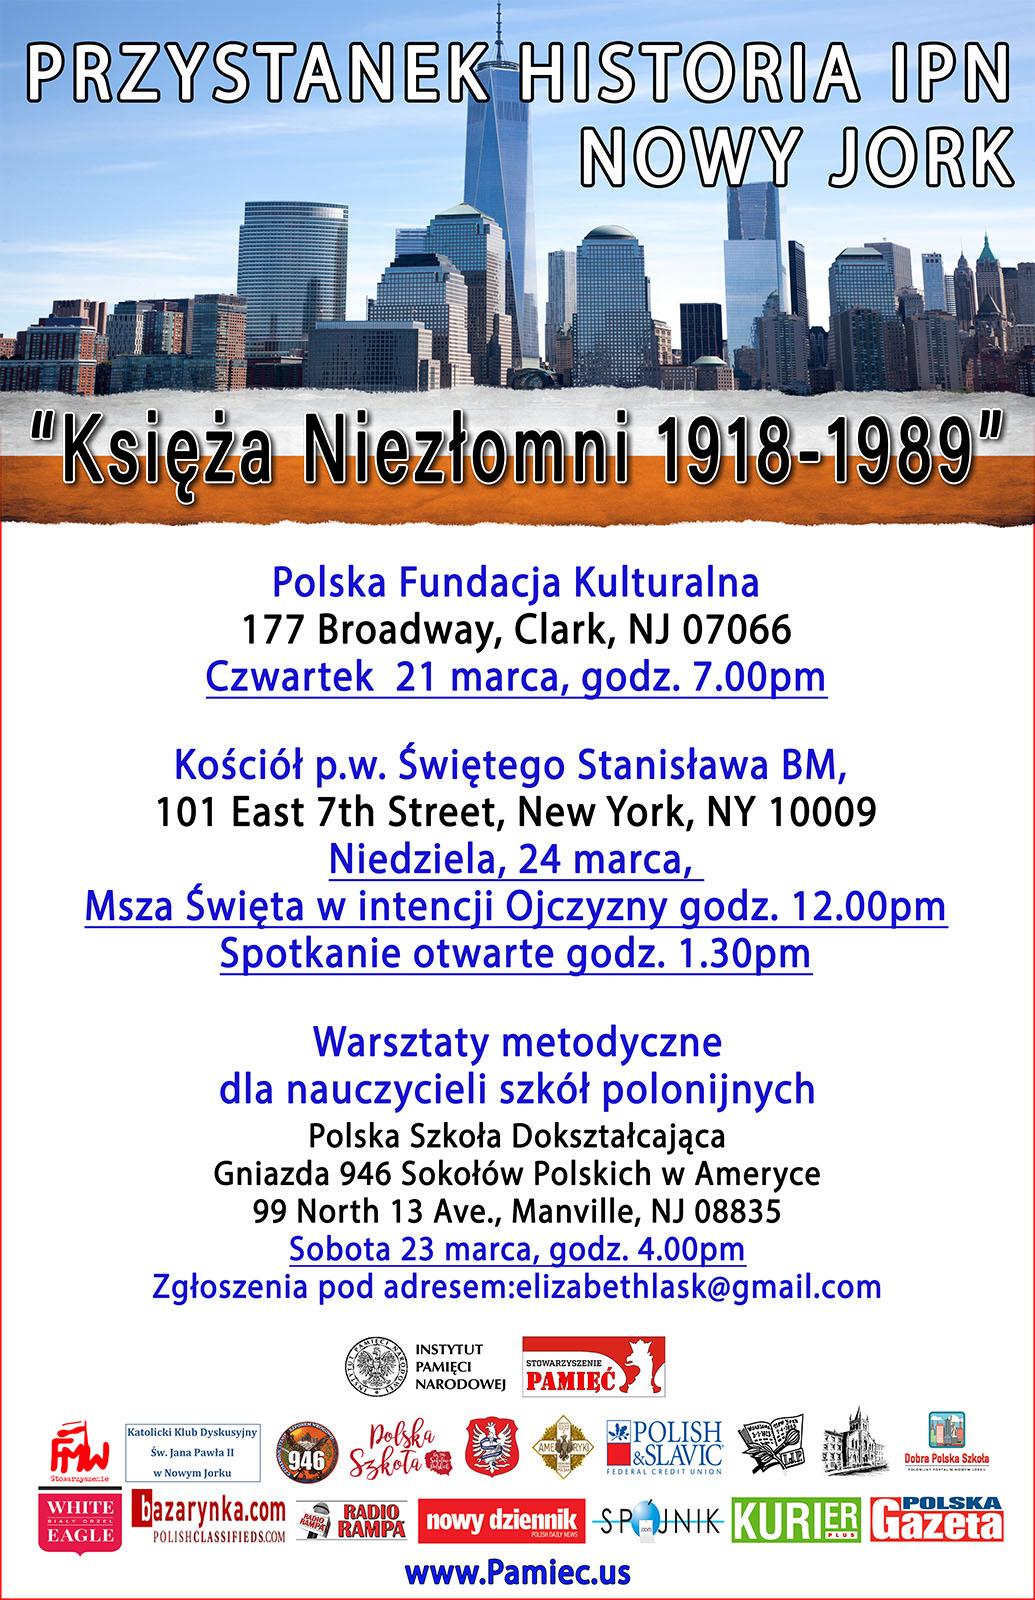 Ogłoszenie darmowe. Lokalizacja:  New Jersey - Nowy Jork. IMPREZY - Prelekcje. Zapraszamy na spotkania VI edycji.